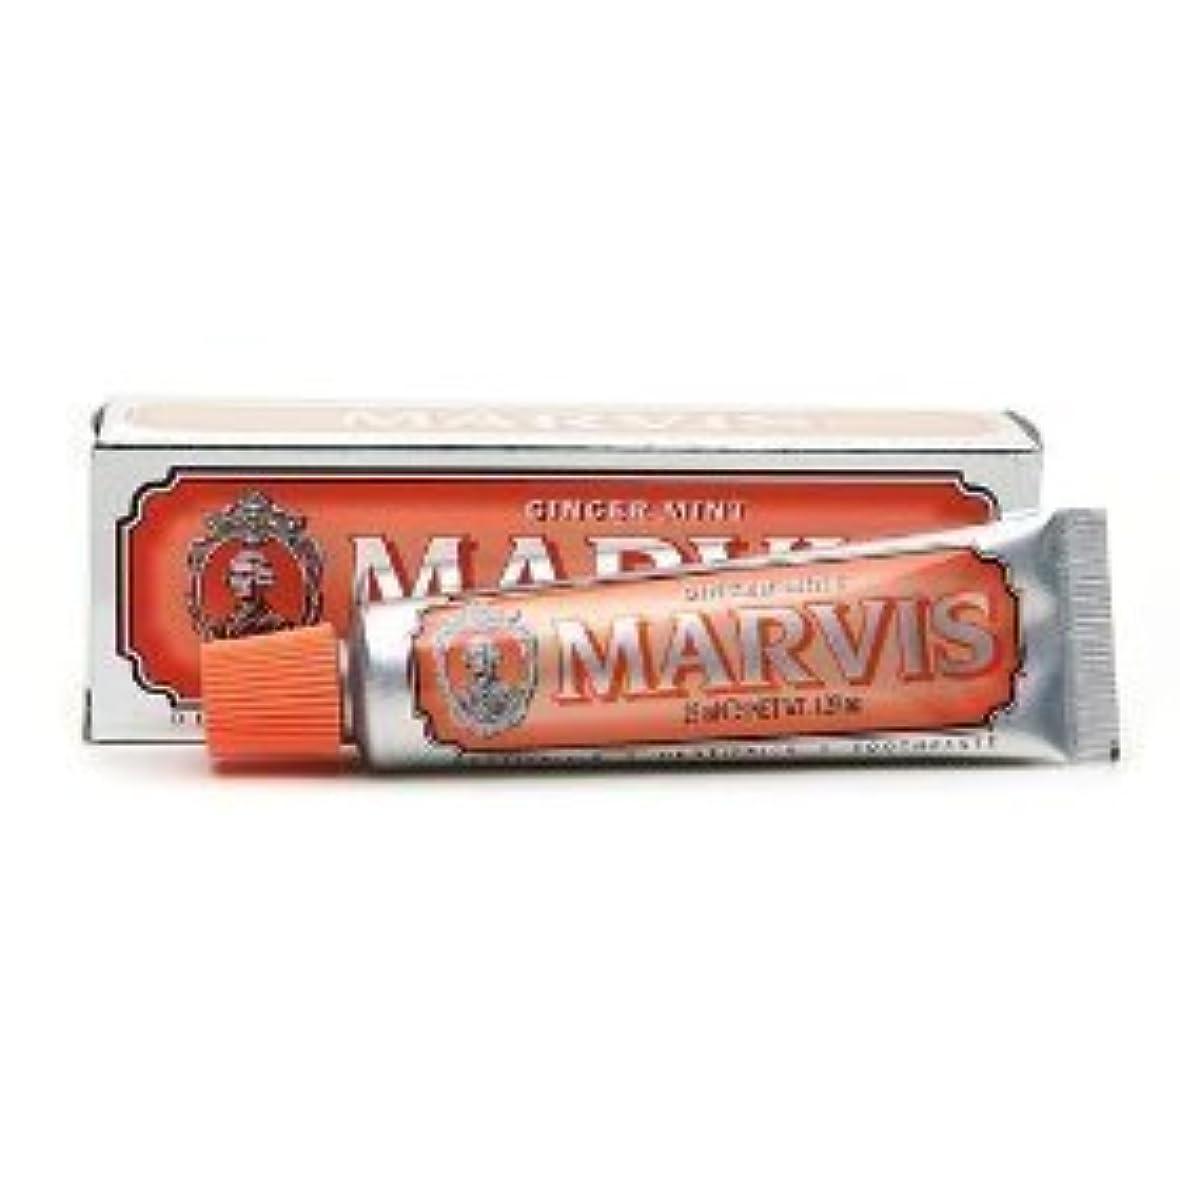 かんたん沿ってする必要があるMarvis Toothpaste Ginger Mint Travel Size by Marvis [並行輸入品]